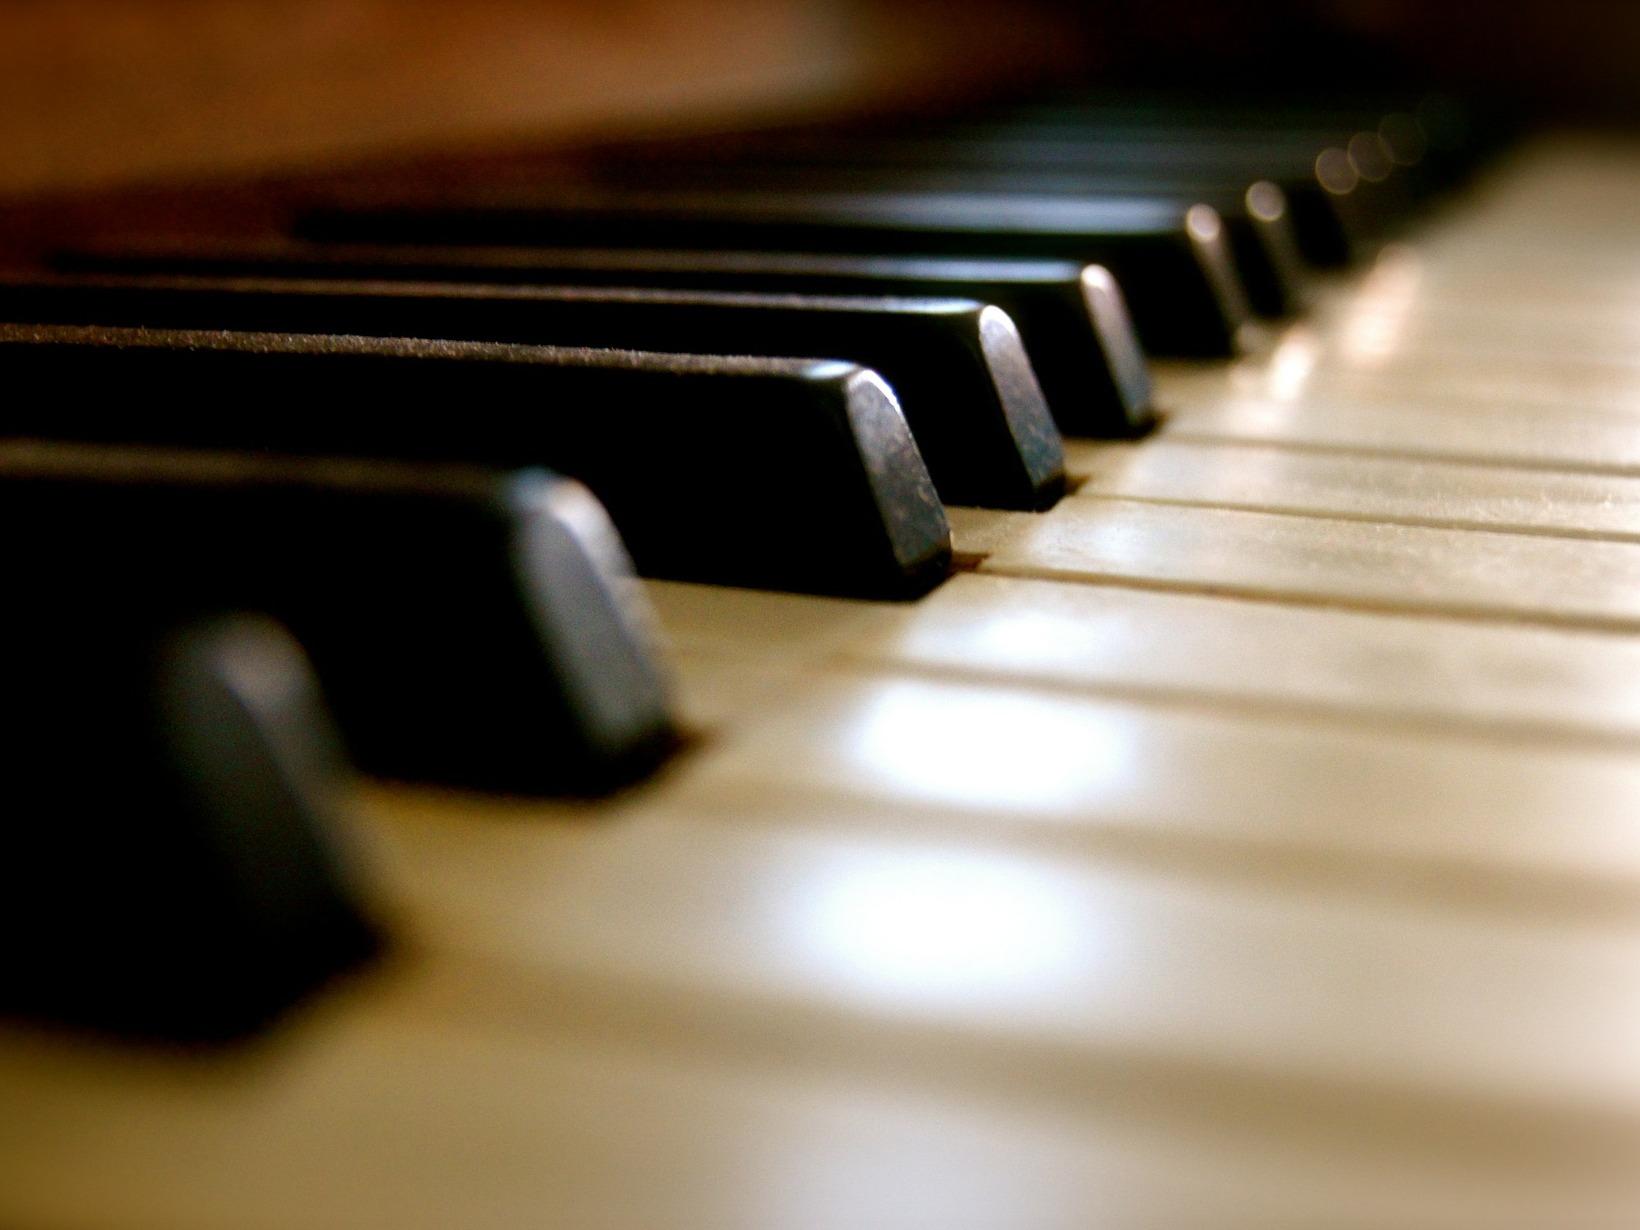 Veranstaltung mit freiem Eintritt: Science and Music: Vortrag und Klavierkonzert